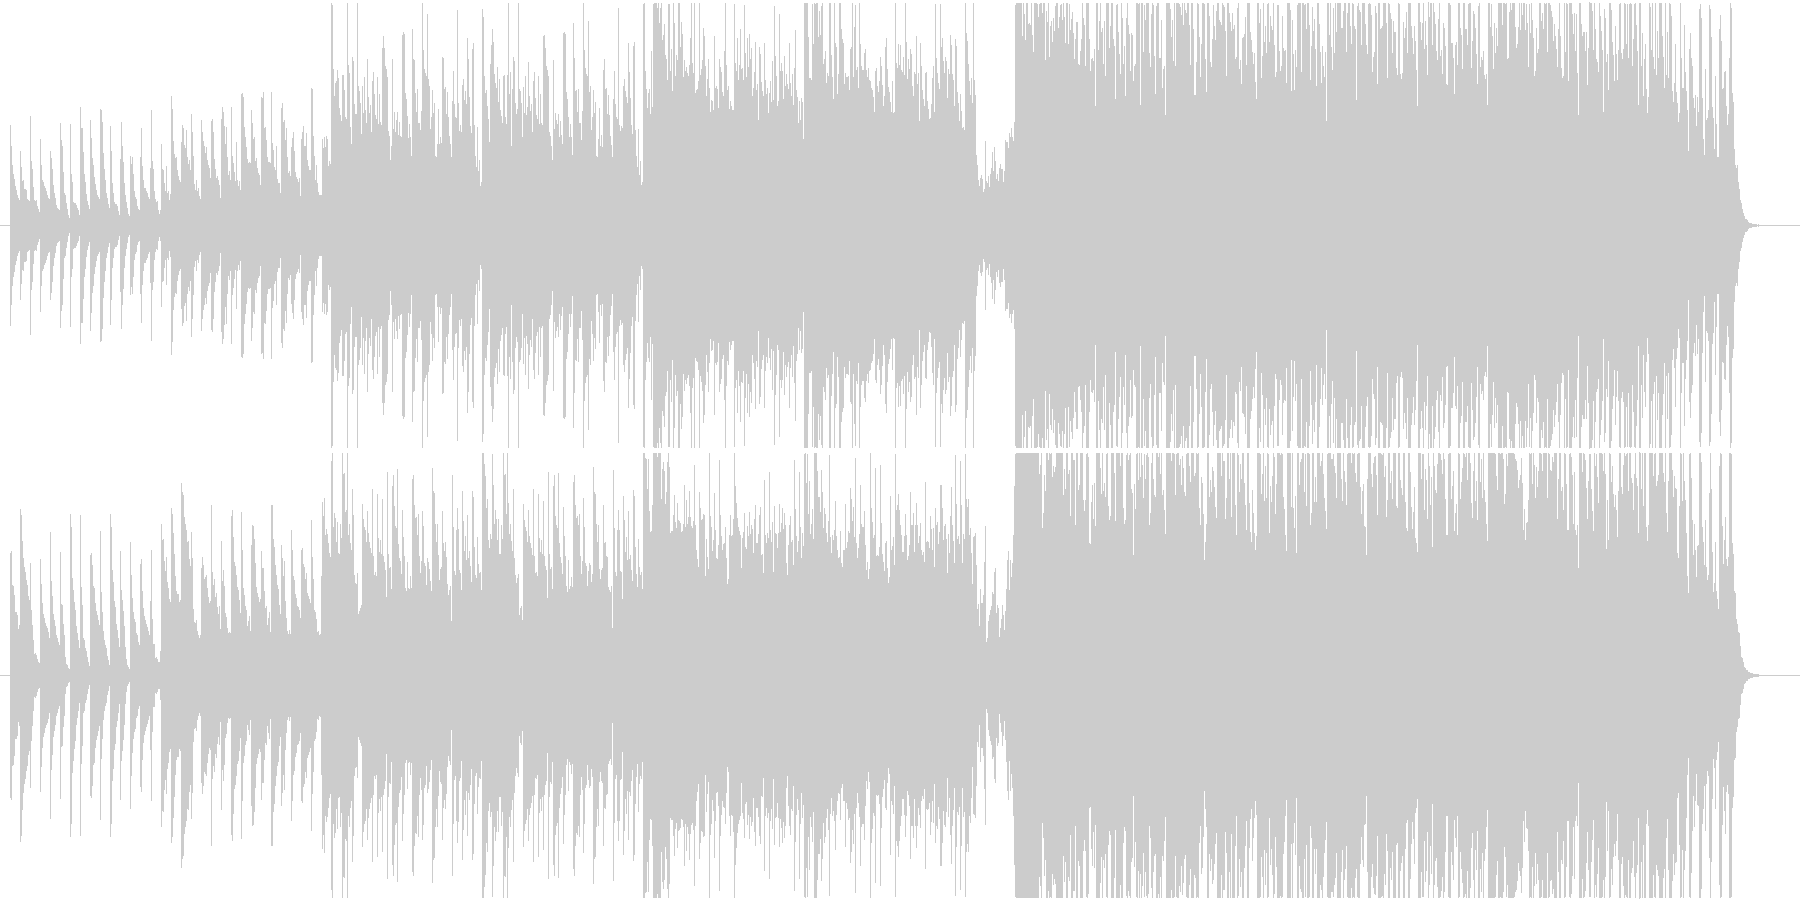 親しみやすく信頼感のあるドレミのマーチの未再生の波形